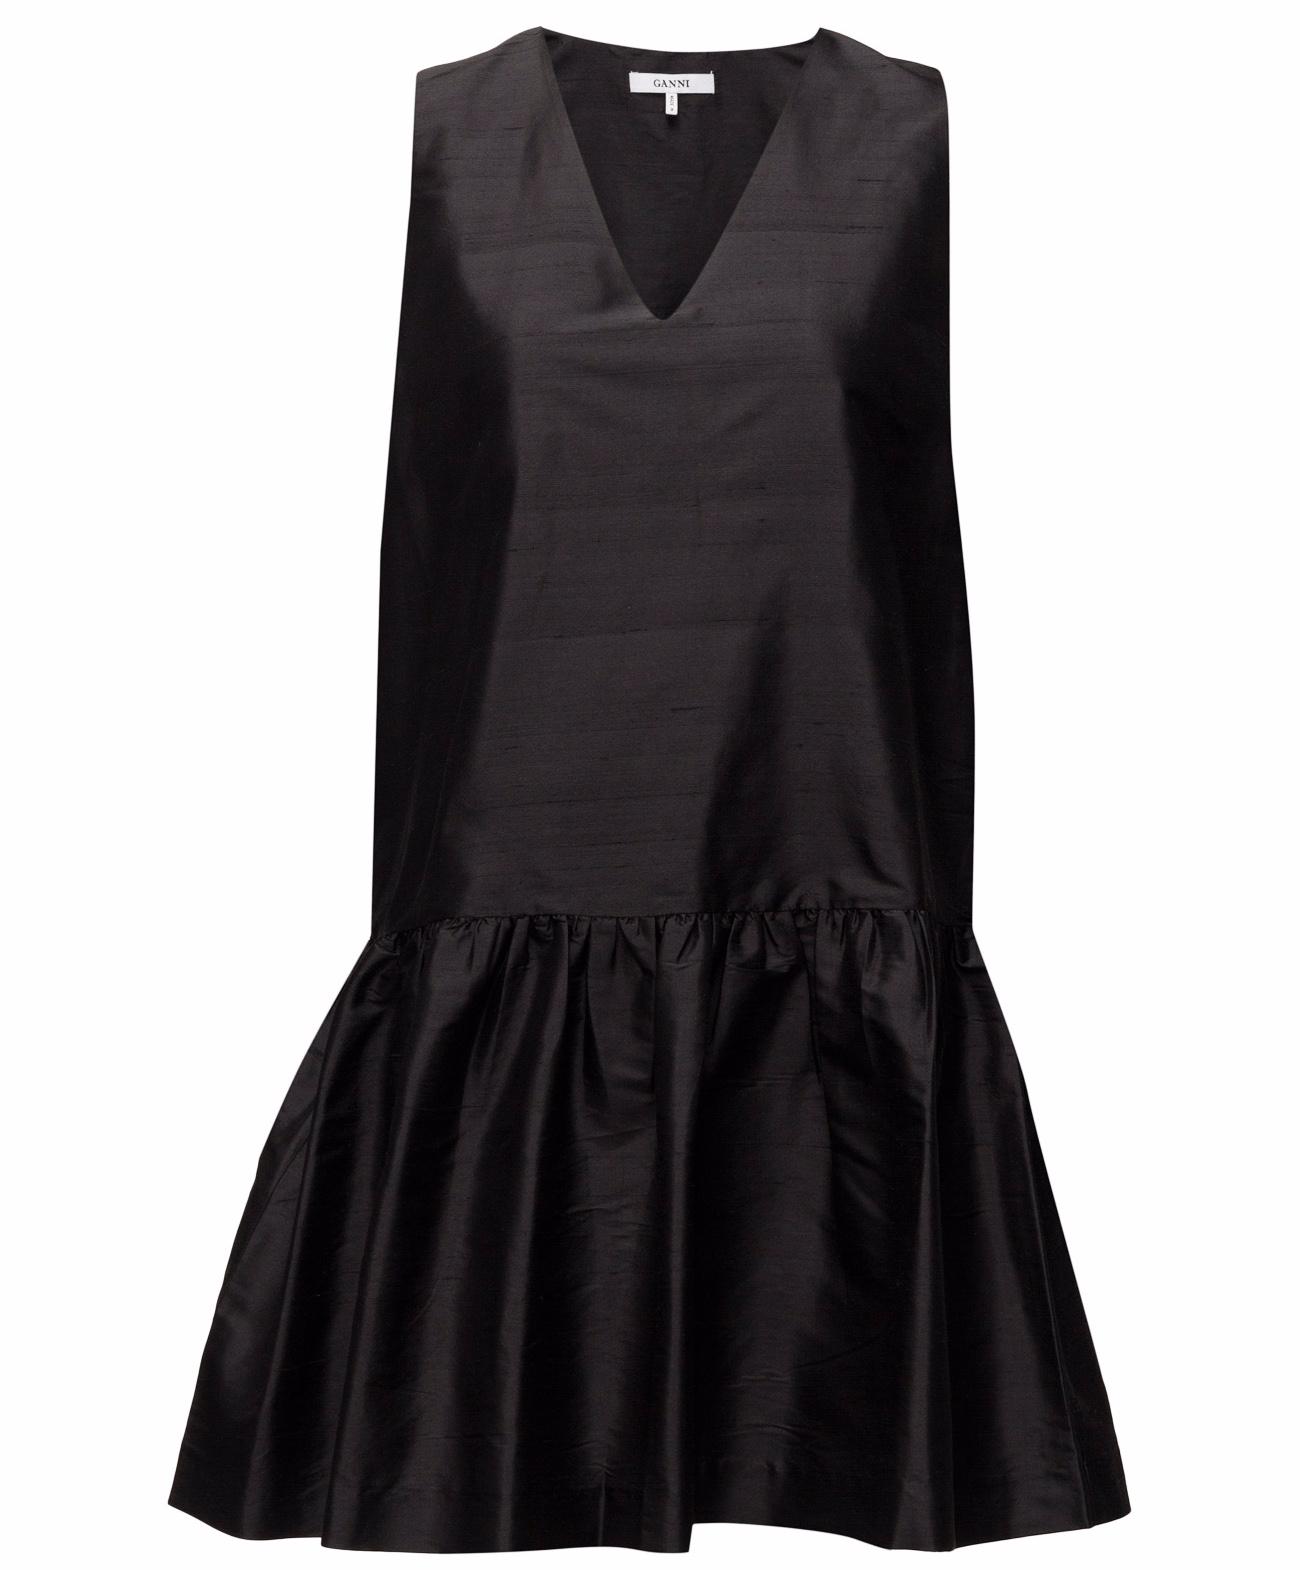 d425bd021c52 Den lilla svarta – 21 snygga svarta klänningar | Baaam